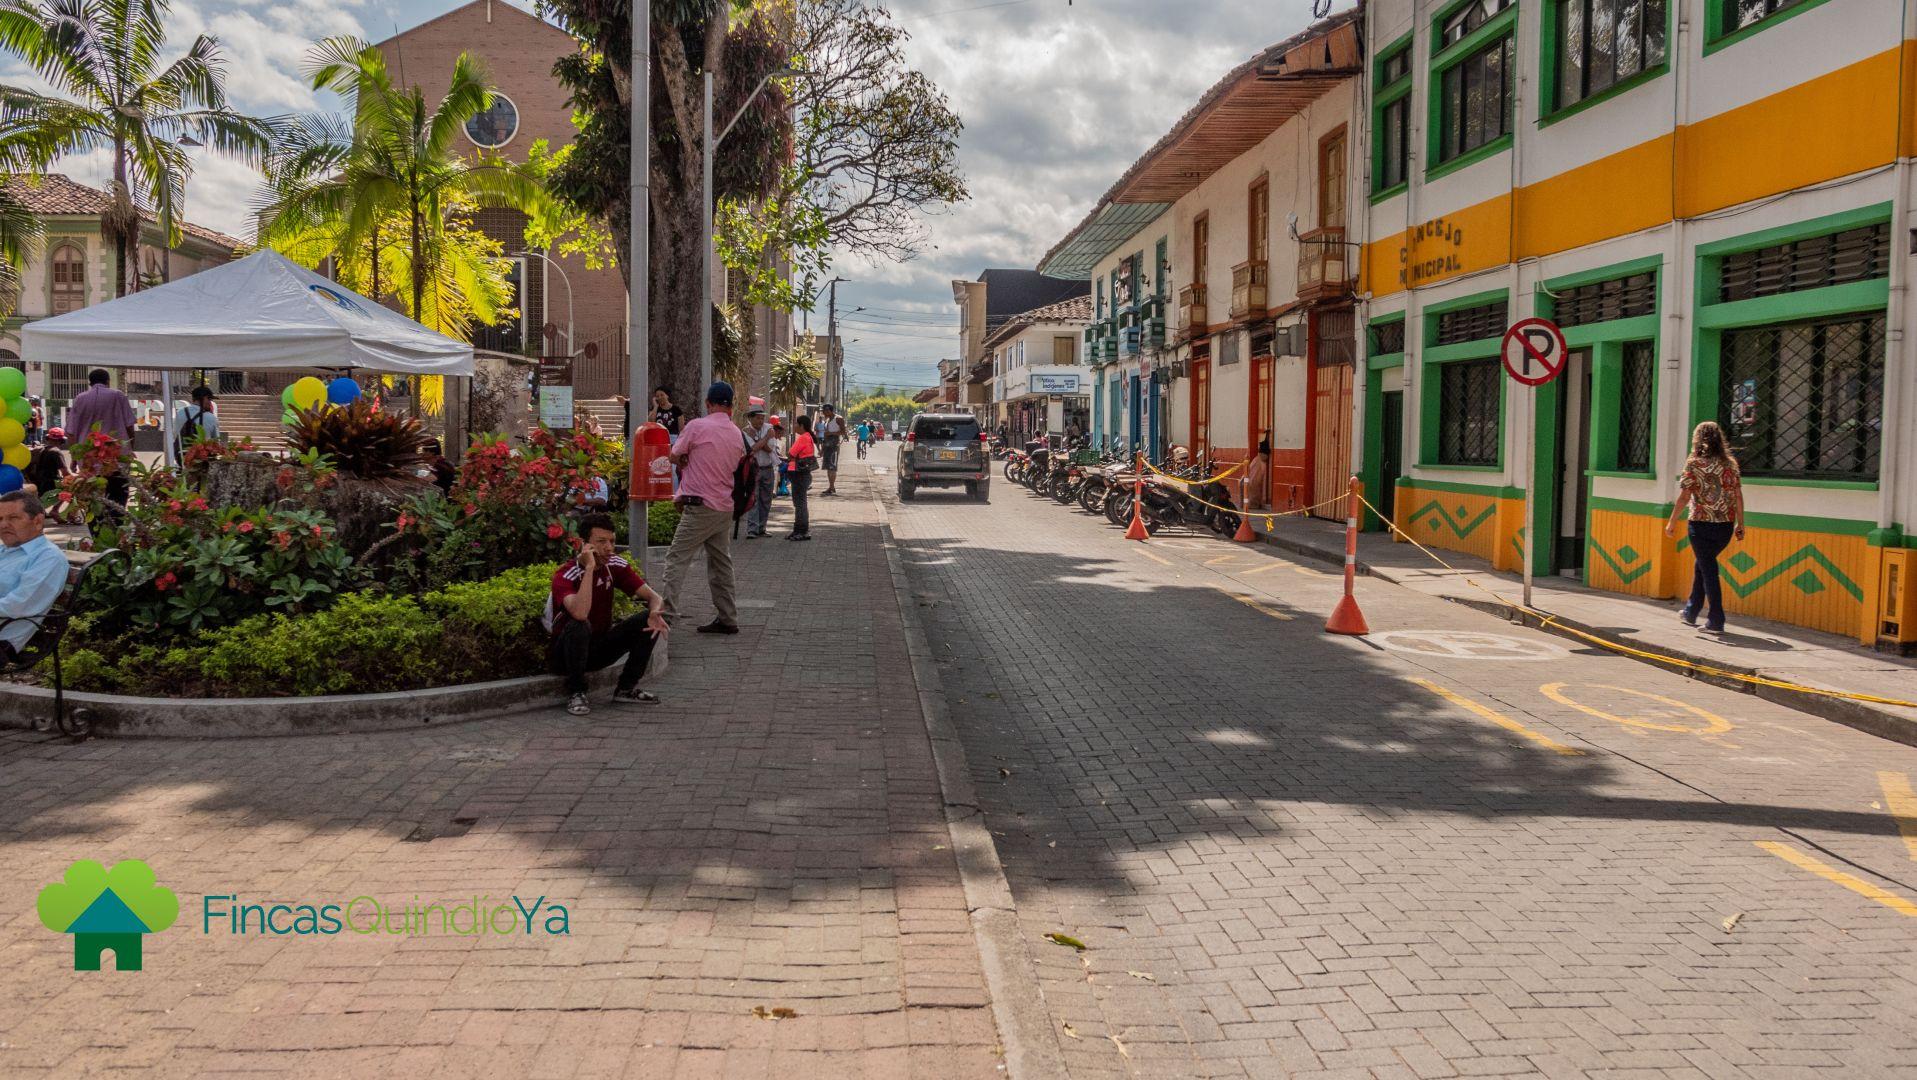 Una calle del puebo con coloridas casas